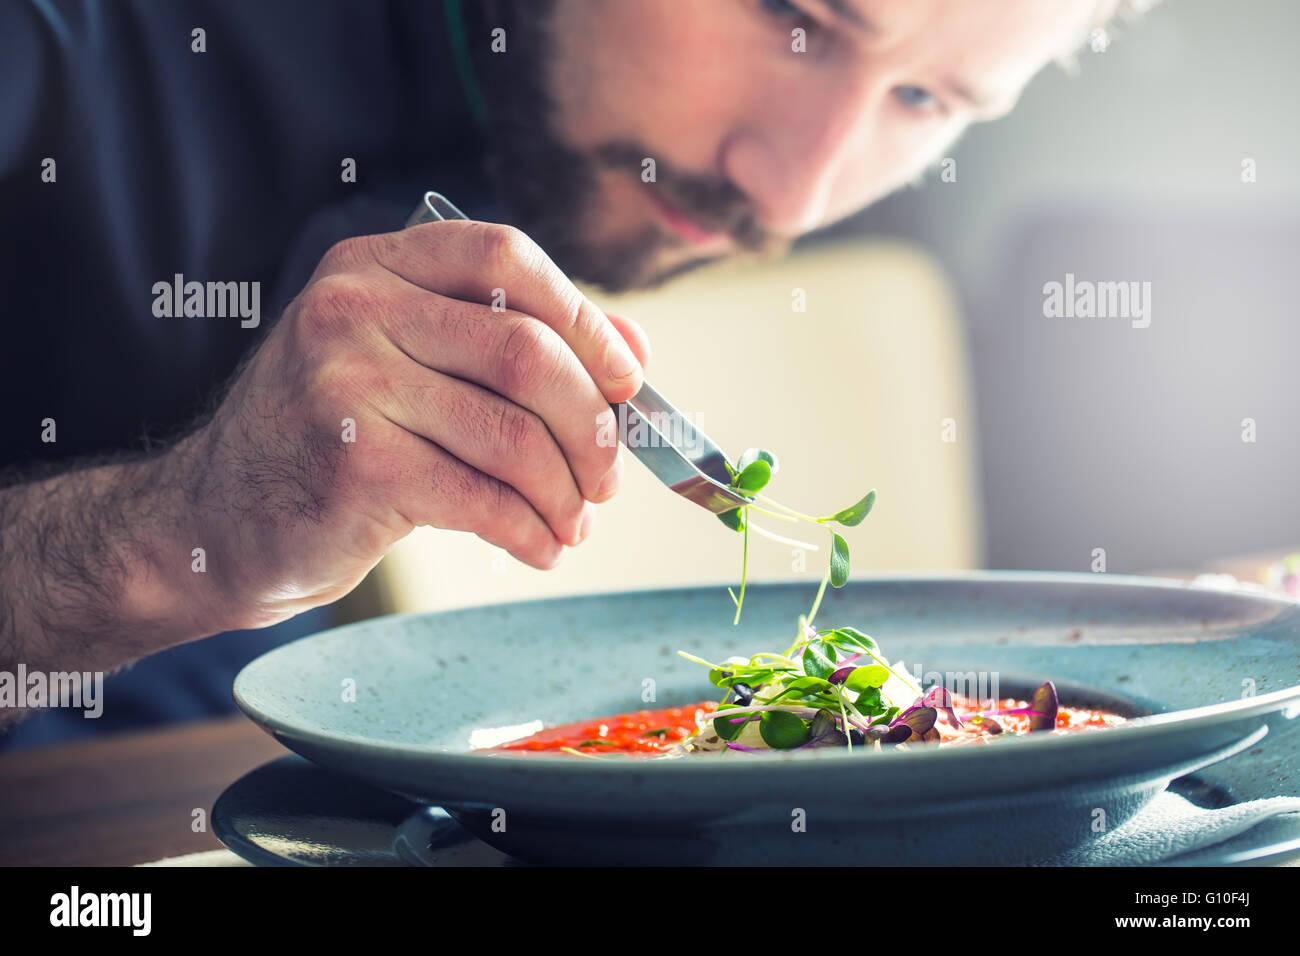 Küchenchef im Hotel oder Restaurant Küche kochen, nur die Hände. Er arbeitet an der Mikro-Kraut-Dekoration. Stockfoto